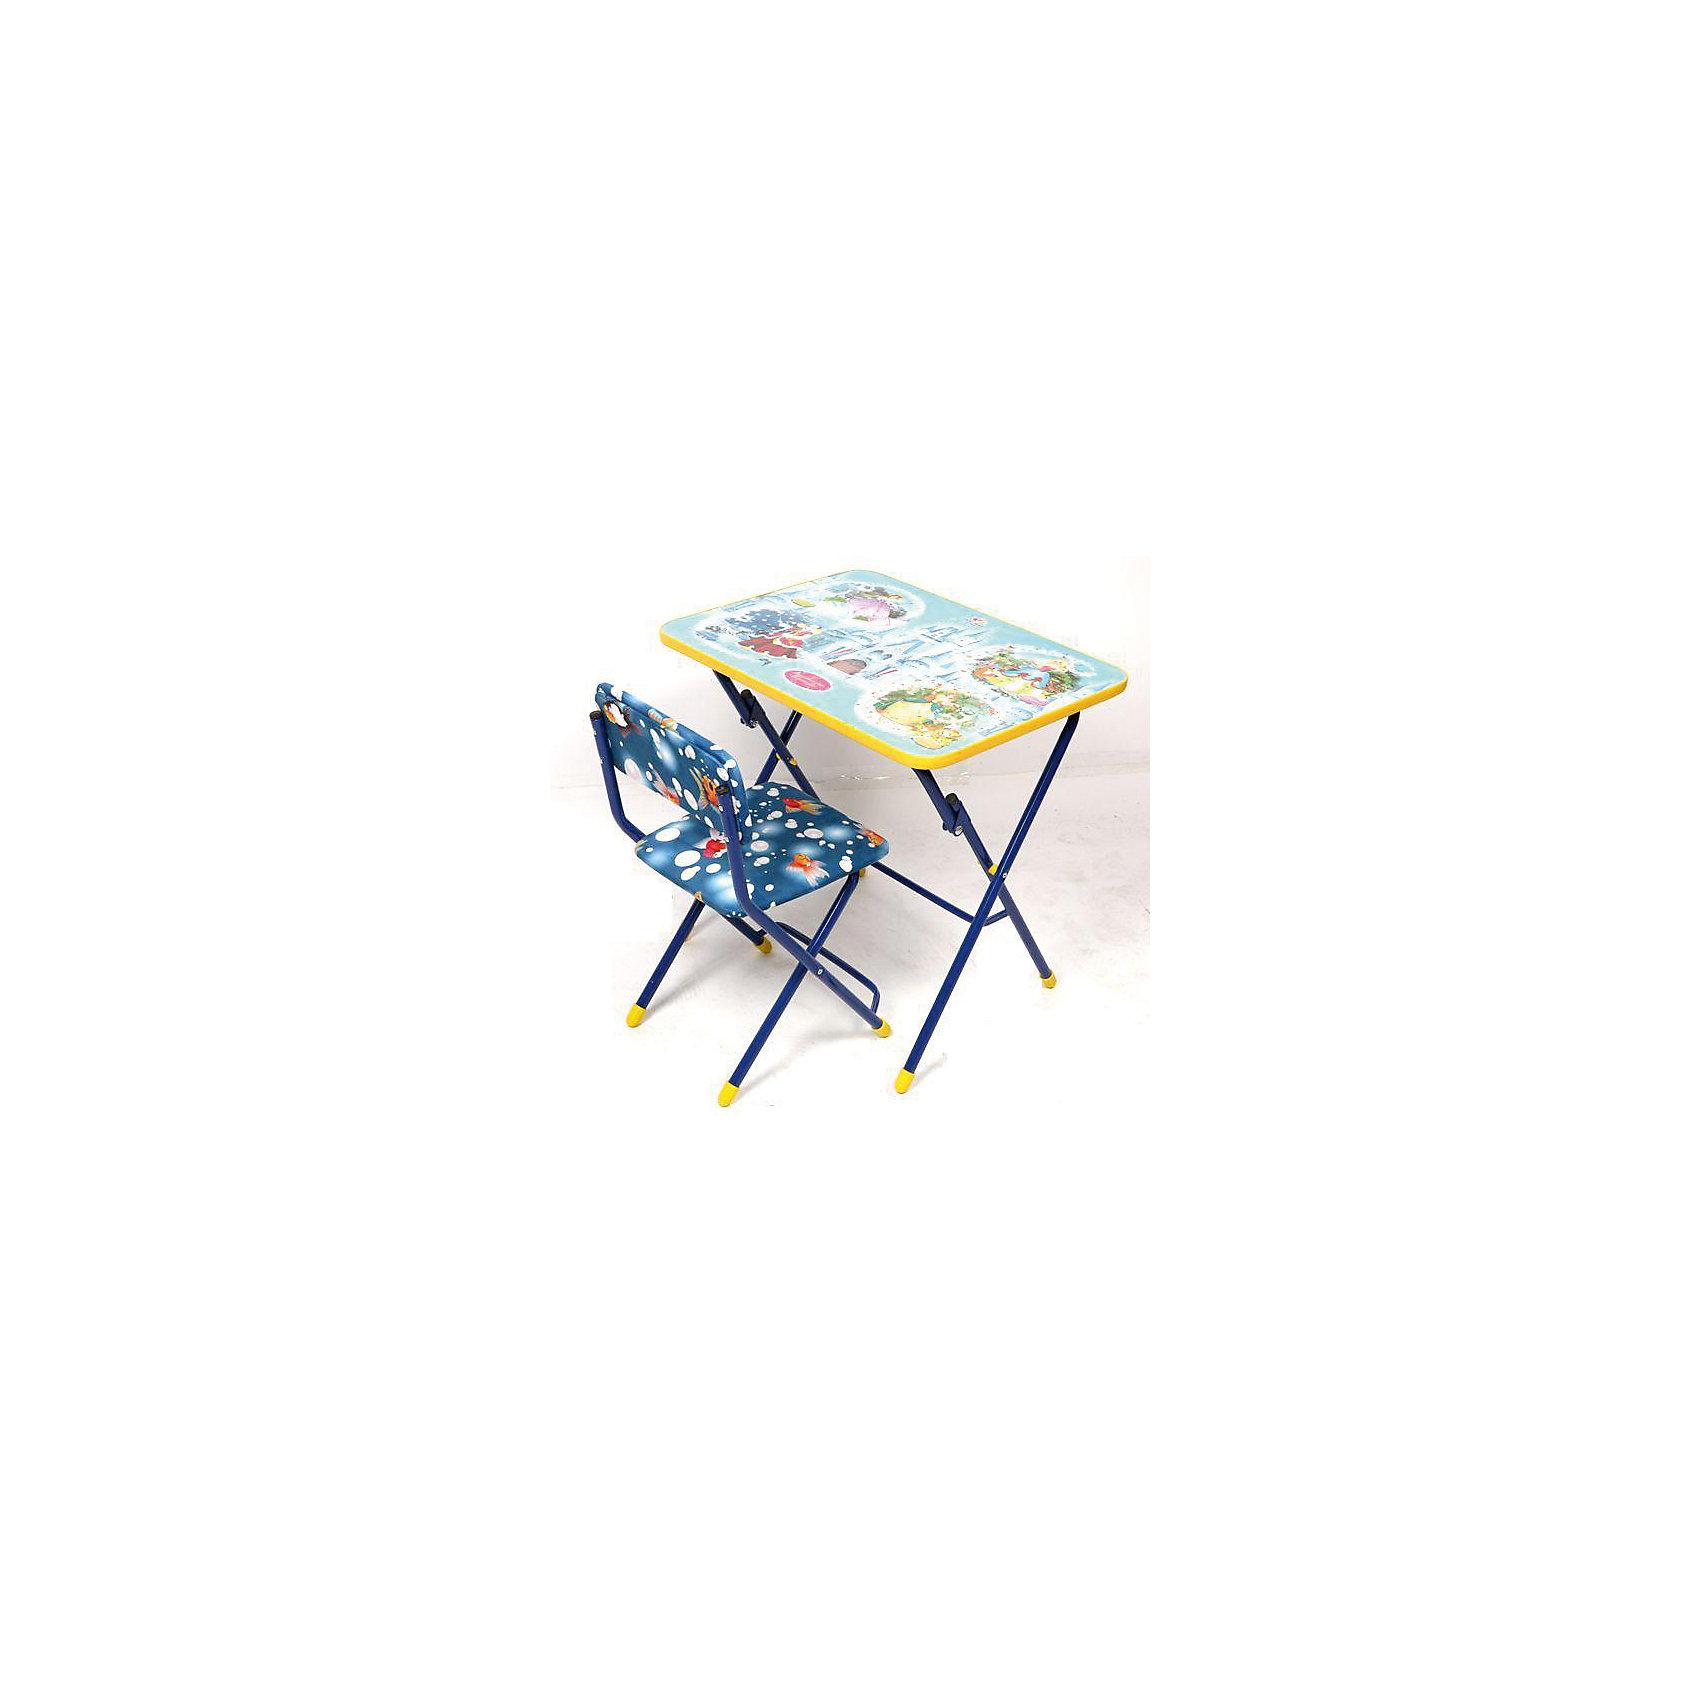 Набор мебели Волшебный мир принцессСтолы и стулья<br>Набор детской мебели Волшебный мир принцесс состоит из складных стола и стула. Столешница облицована пленками, с различными тематическими рисунками (игра, ПДД, географическая карта , маленькая принцесса, азбука). Сиденье стульчика имеет мягкую обивку из флока ярких расцветок. На ножках стула установлены пластмассовые наконечники. <br><br>Характеристики:<br>-Цвет: синий, голубой<br>-Серия: Принцессы Диснея<br>-Тип стула: складной с мягким сиденьем<br>-Группа роста: 1,3-1,45 м<br>-Металлический каркас<br>-При хранении и транспортировке не занимает много места, собирается в плоскость до 10 см толщиной<br><br>Дополнительная информация:<br>-Размер стола: 600х450х570 мм<br>-Размеры стула: 340х300х300 мм<br>-Материалы: флок, металл<br><br>Набор детской складной мебели порадует маленьких любительниц принцесс Диснея!<br><br>Набор детской мебели Волшебный мир принцесс можно купить в нашем магазине.<br><br>Ширина мм: 740<br>Глубина мм: 620<br>Высота мм: 150<br>Вес г: 9000<br>Возраст от месяцев: 36<br>Возраст до месяцев: 120<br>Пол: Женский<br>Возраст: Детский<br>SKU: 4121120